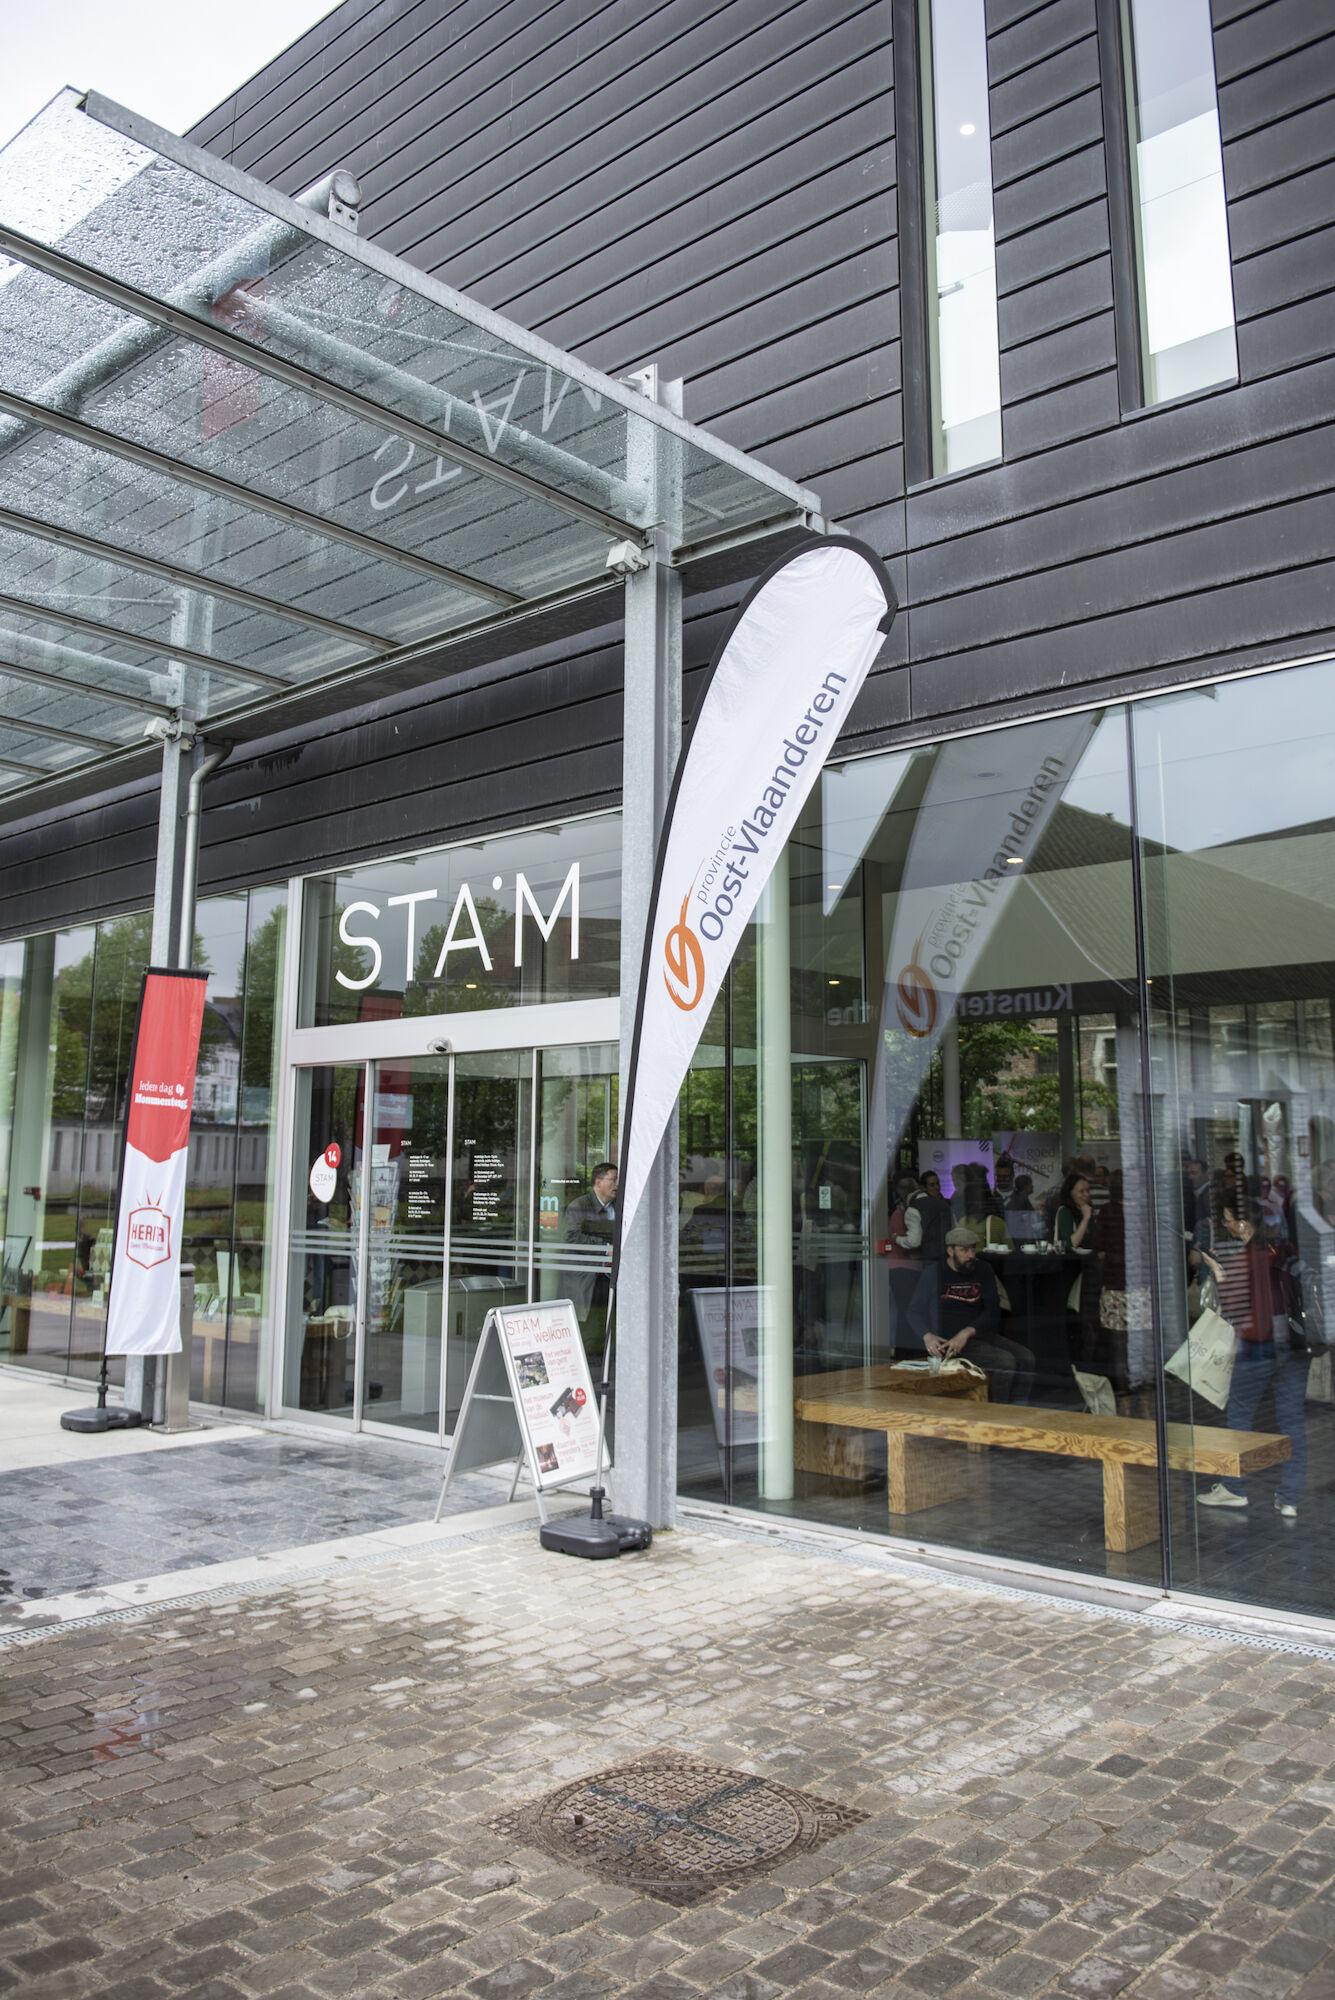 20190510 Erfgoedtreffen STAM Gent 015.jpg